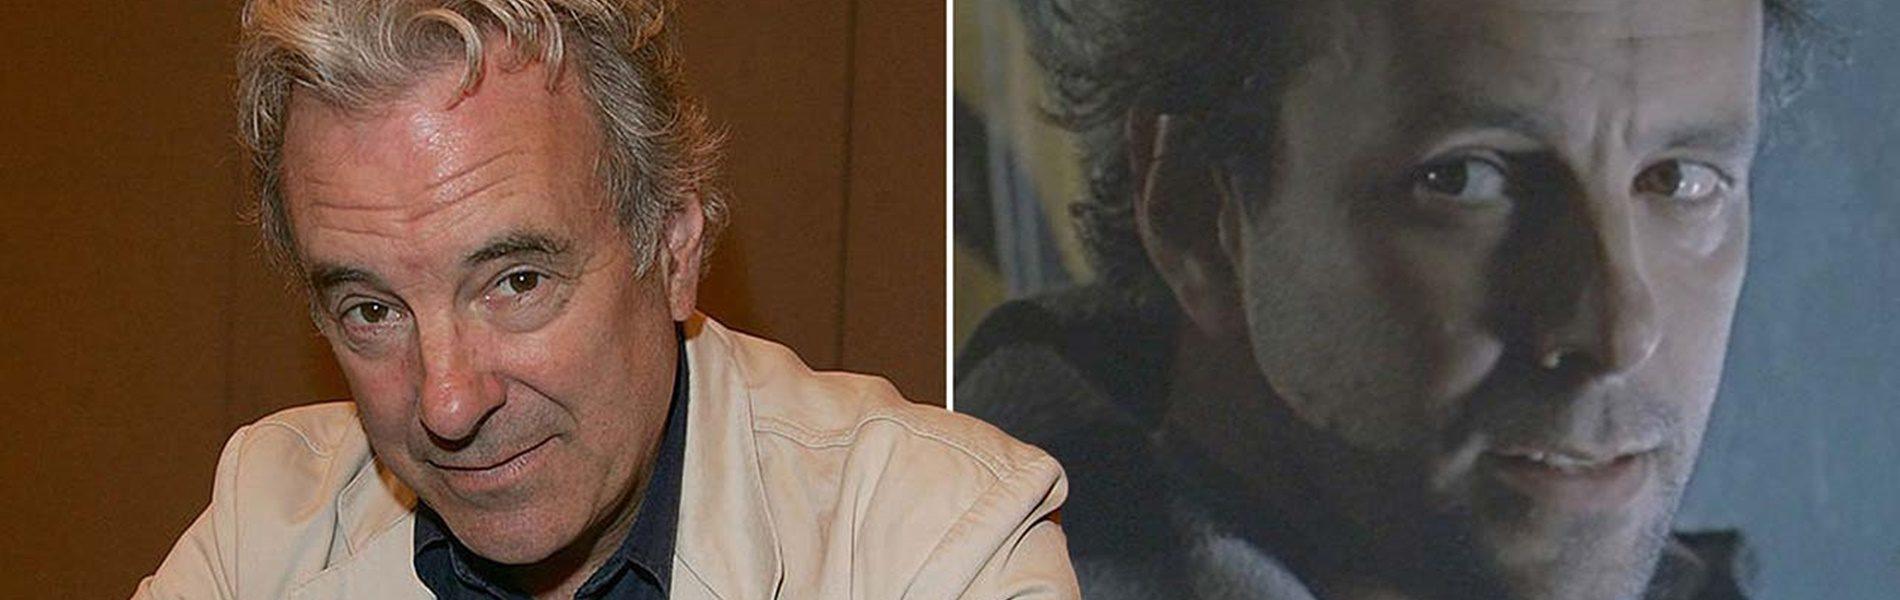 Hollywoodból szedett új áldozatot a napokban a koronavírus, meghalt A sötét lovag: Felemelkedés és A bolygó neve: Halál egyik színésze, Jay Benedict.